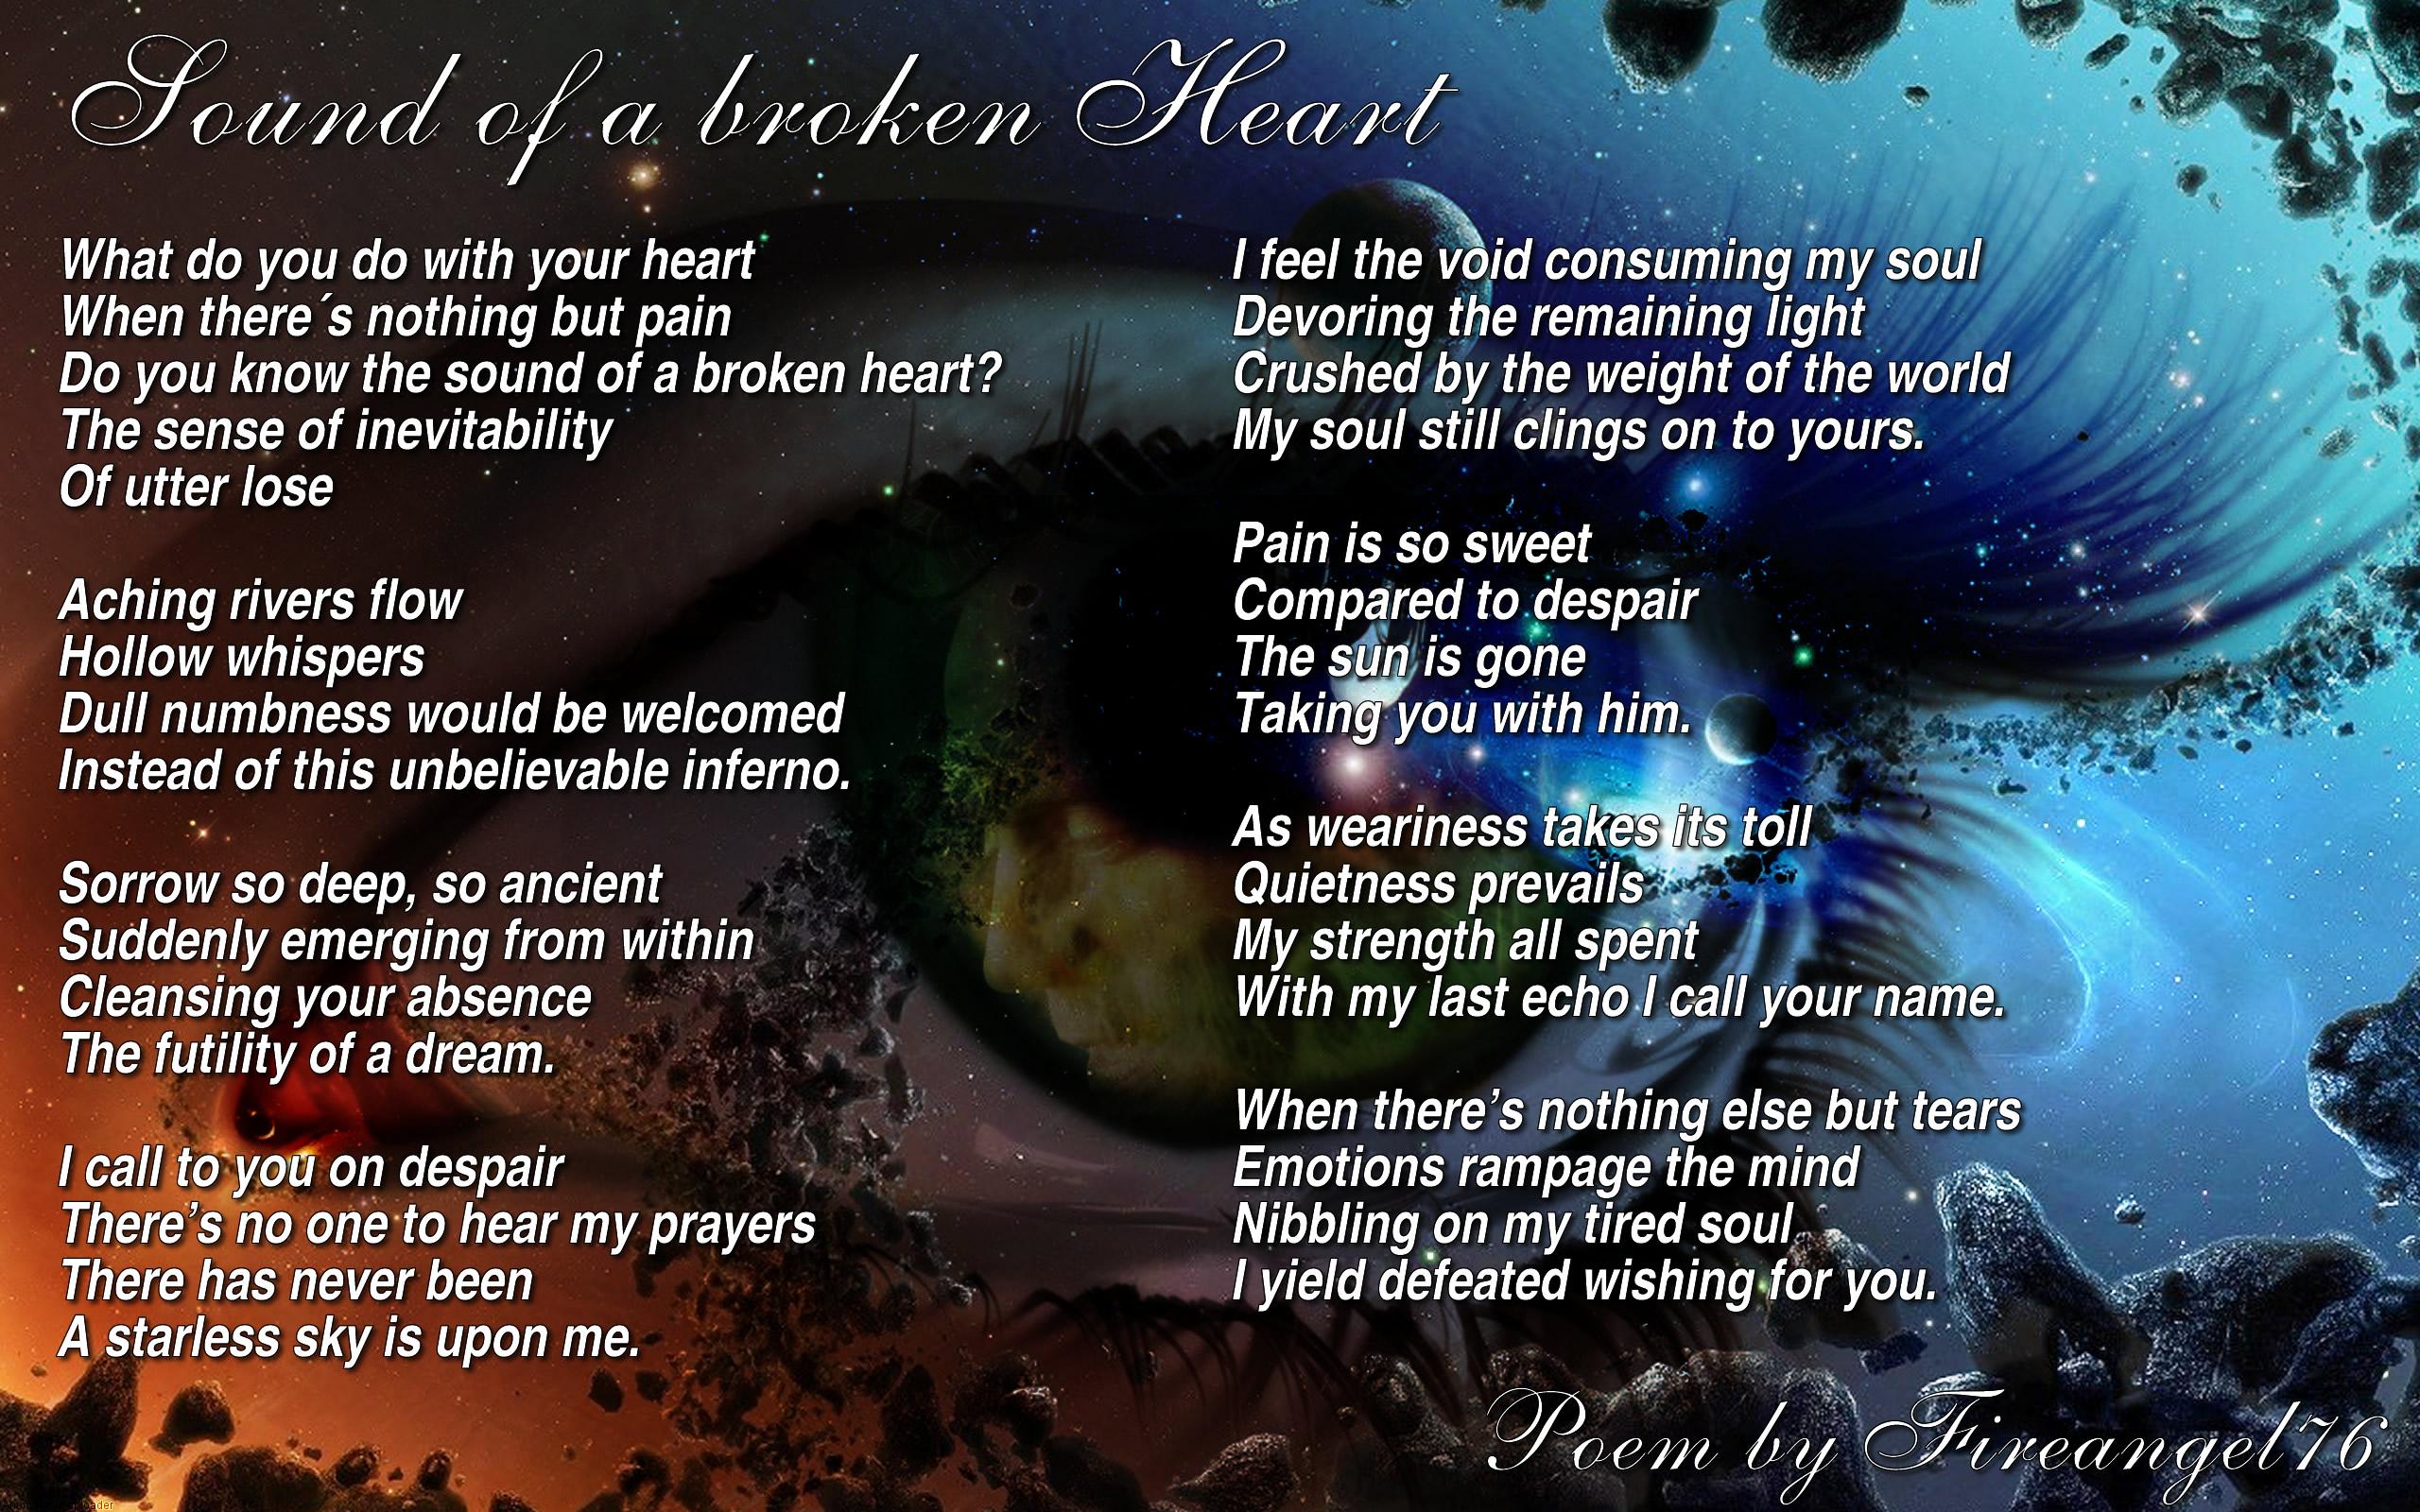 sound_of_a _broken_heart